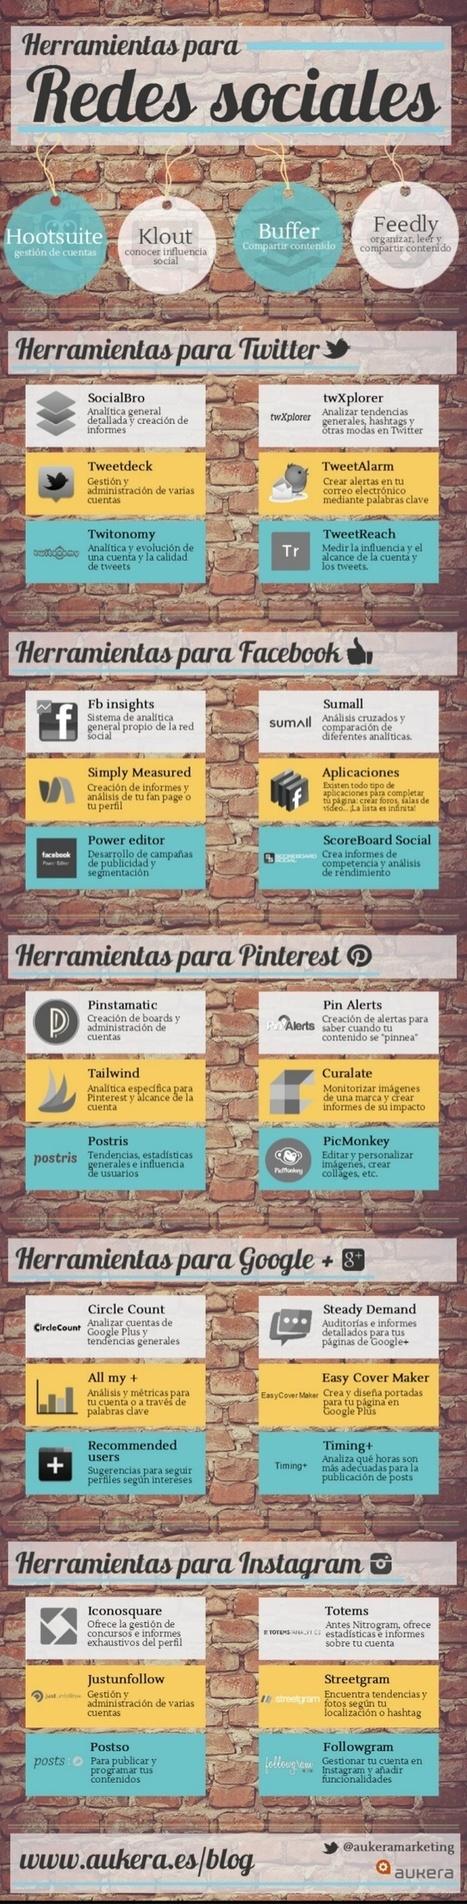 Herramientas para redes sociales #infografia│@aukeramarketing | Educación Y TIC | Scoop.it